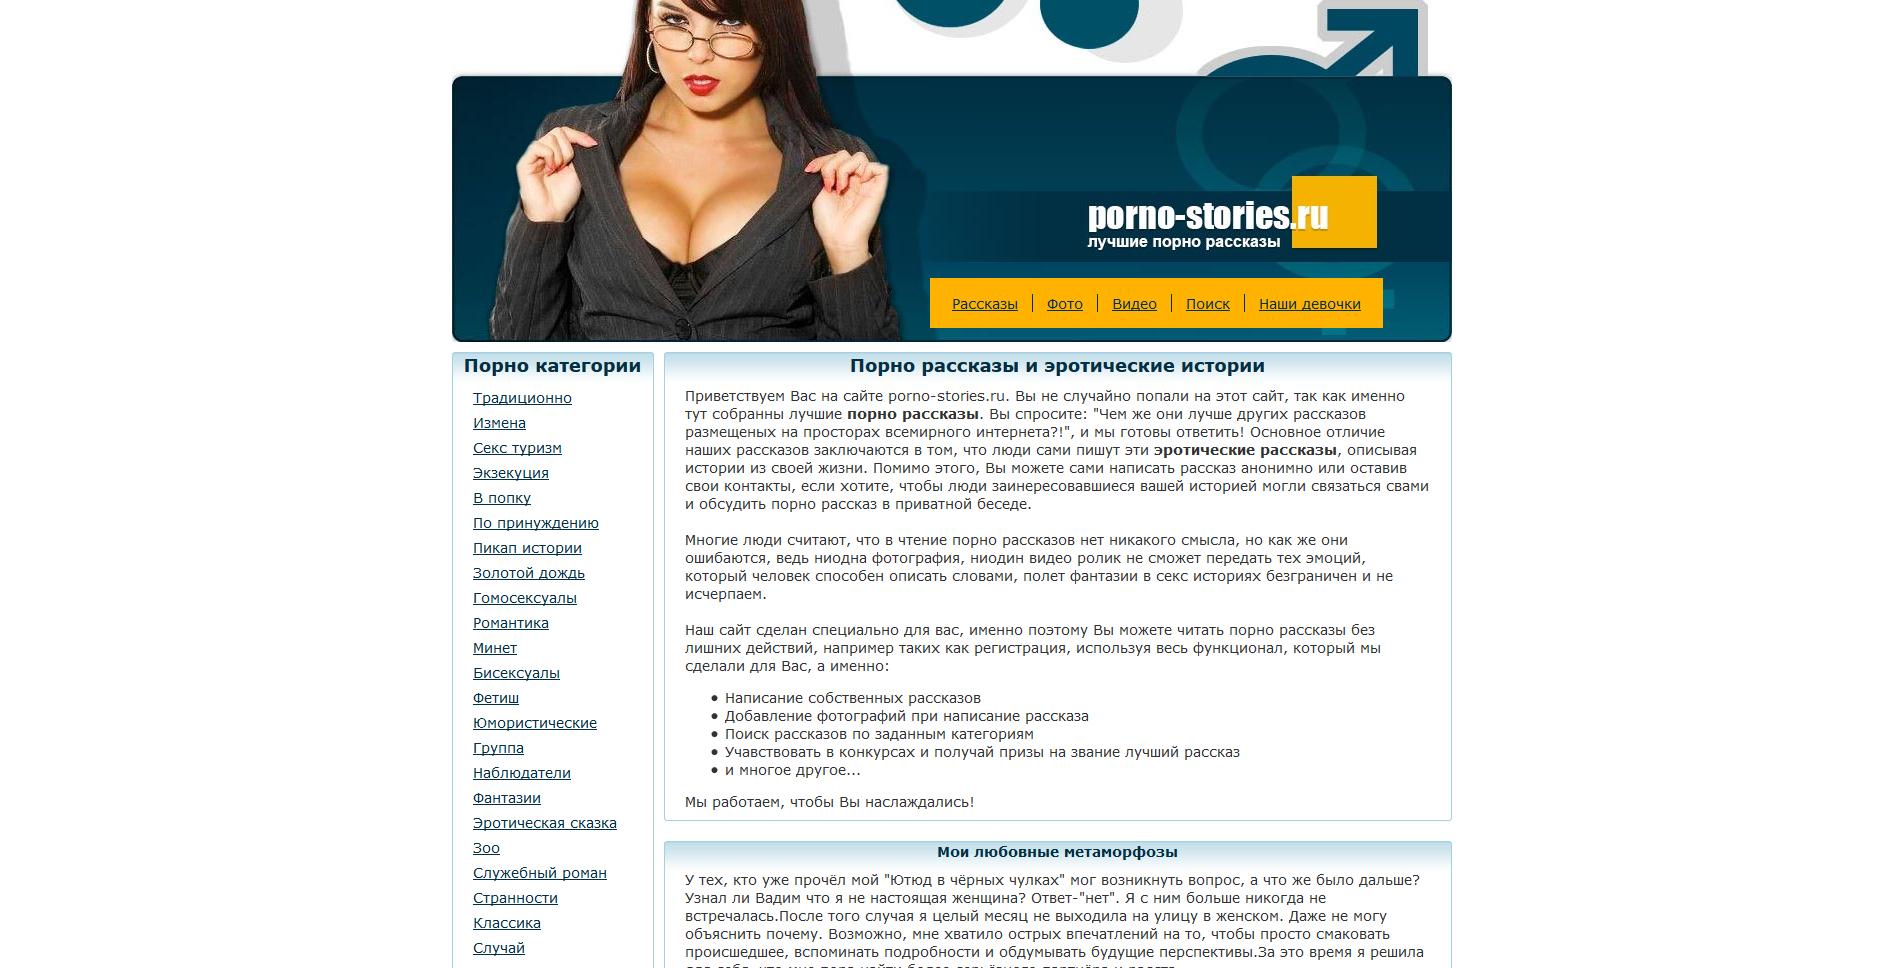 Флагманский сайт порно